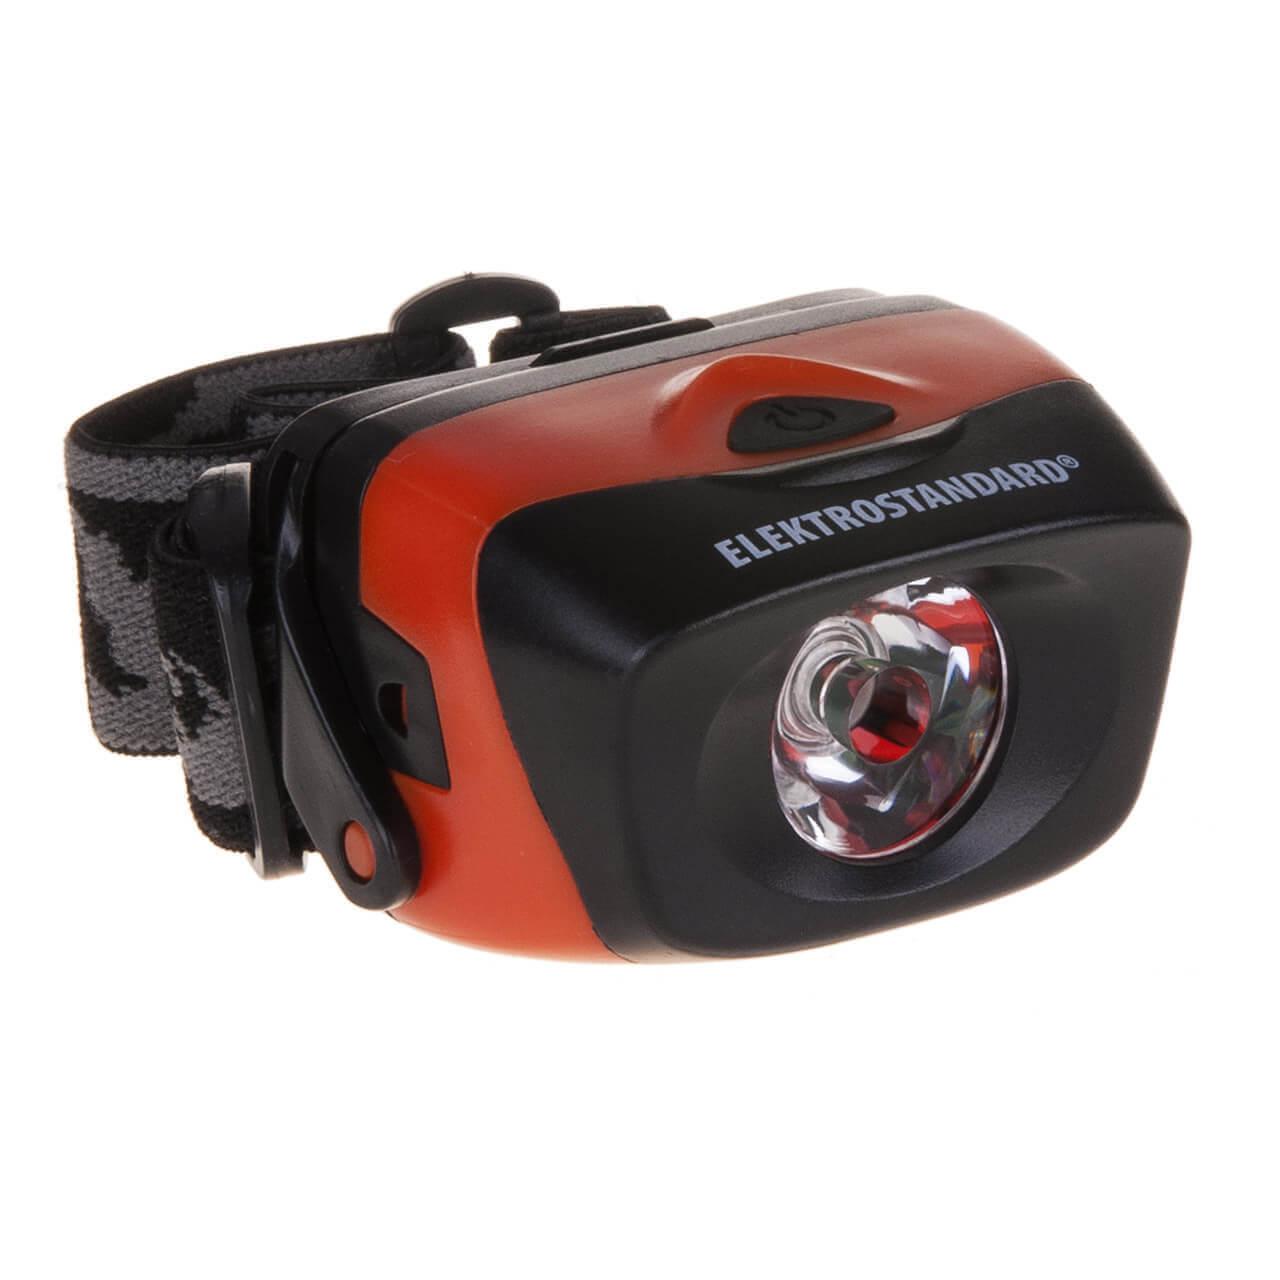 Налобный светодиодный фонарь Elektrostandard Extreme от батареек 39х60 62 лм 4690389087622